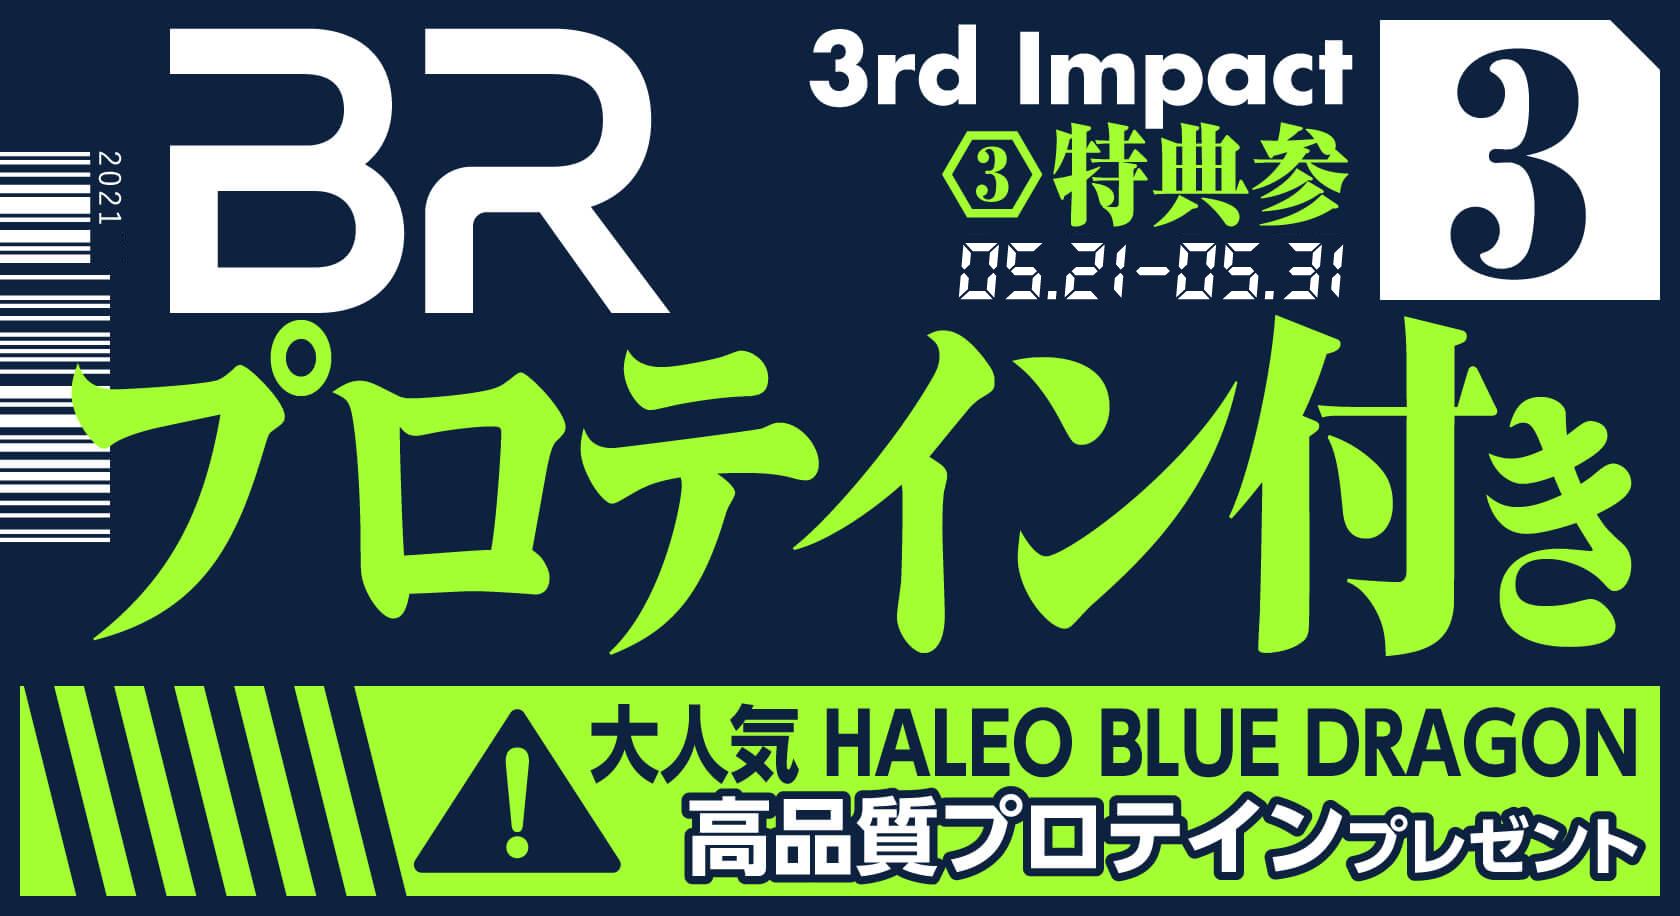 特典3 プロテイン付き 大人気 HALEO BLUE DRAGON 高品質プロテインプレゼント